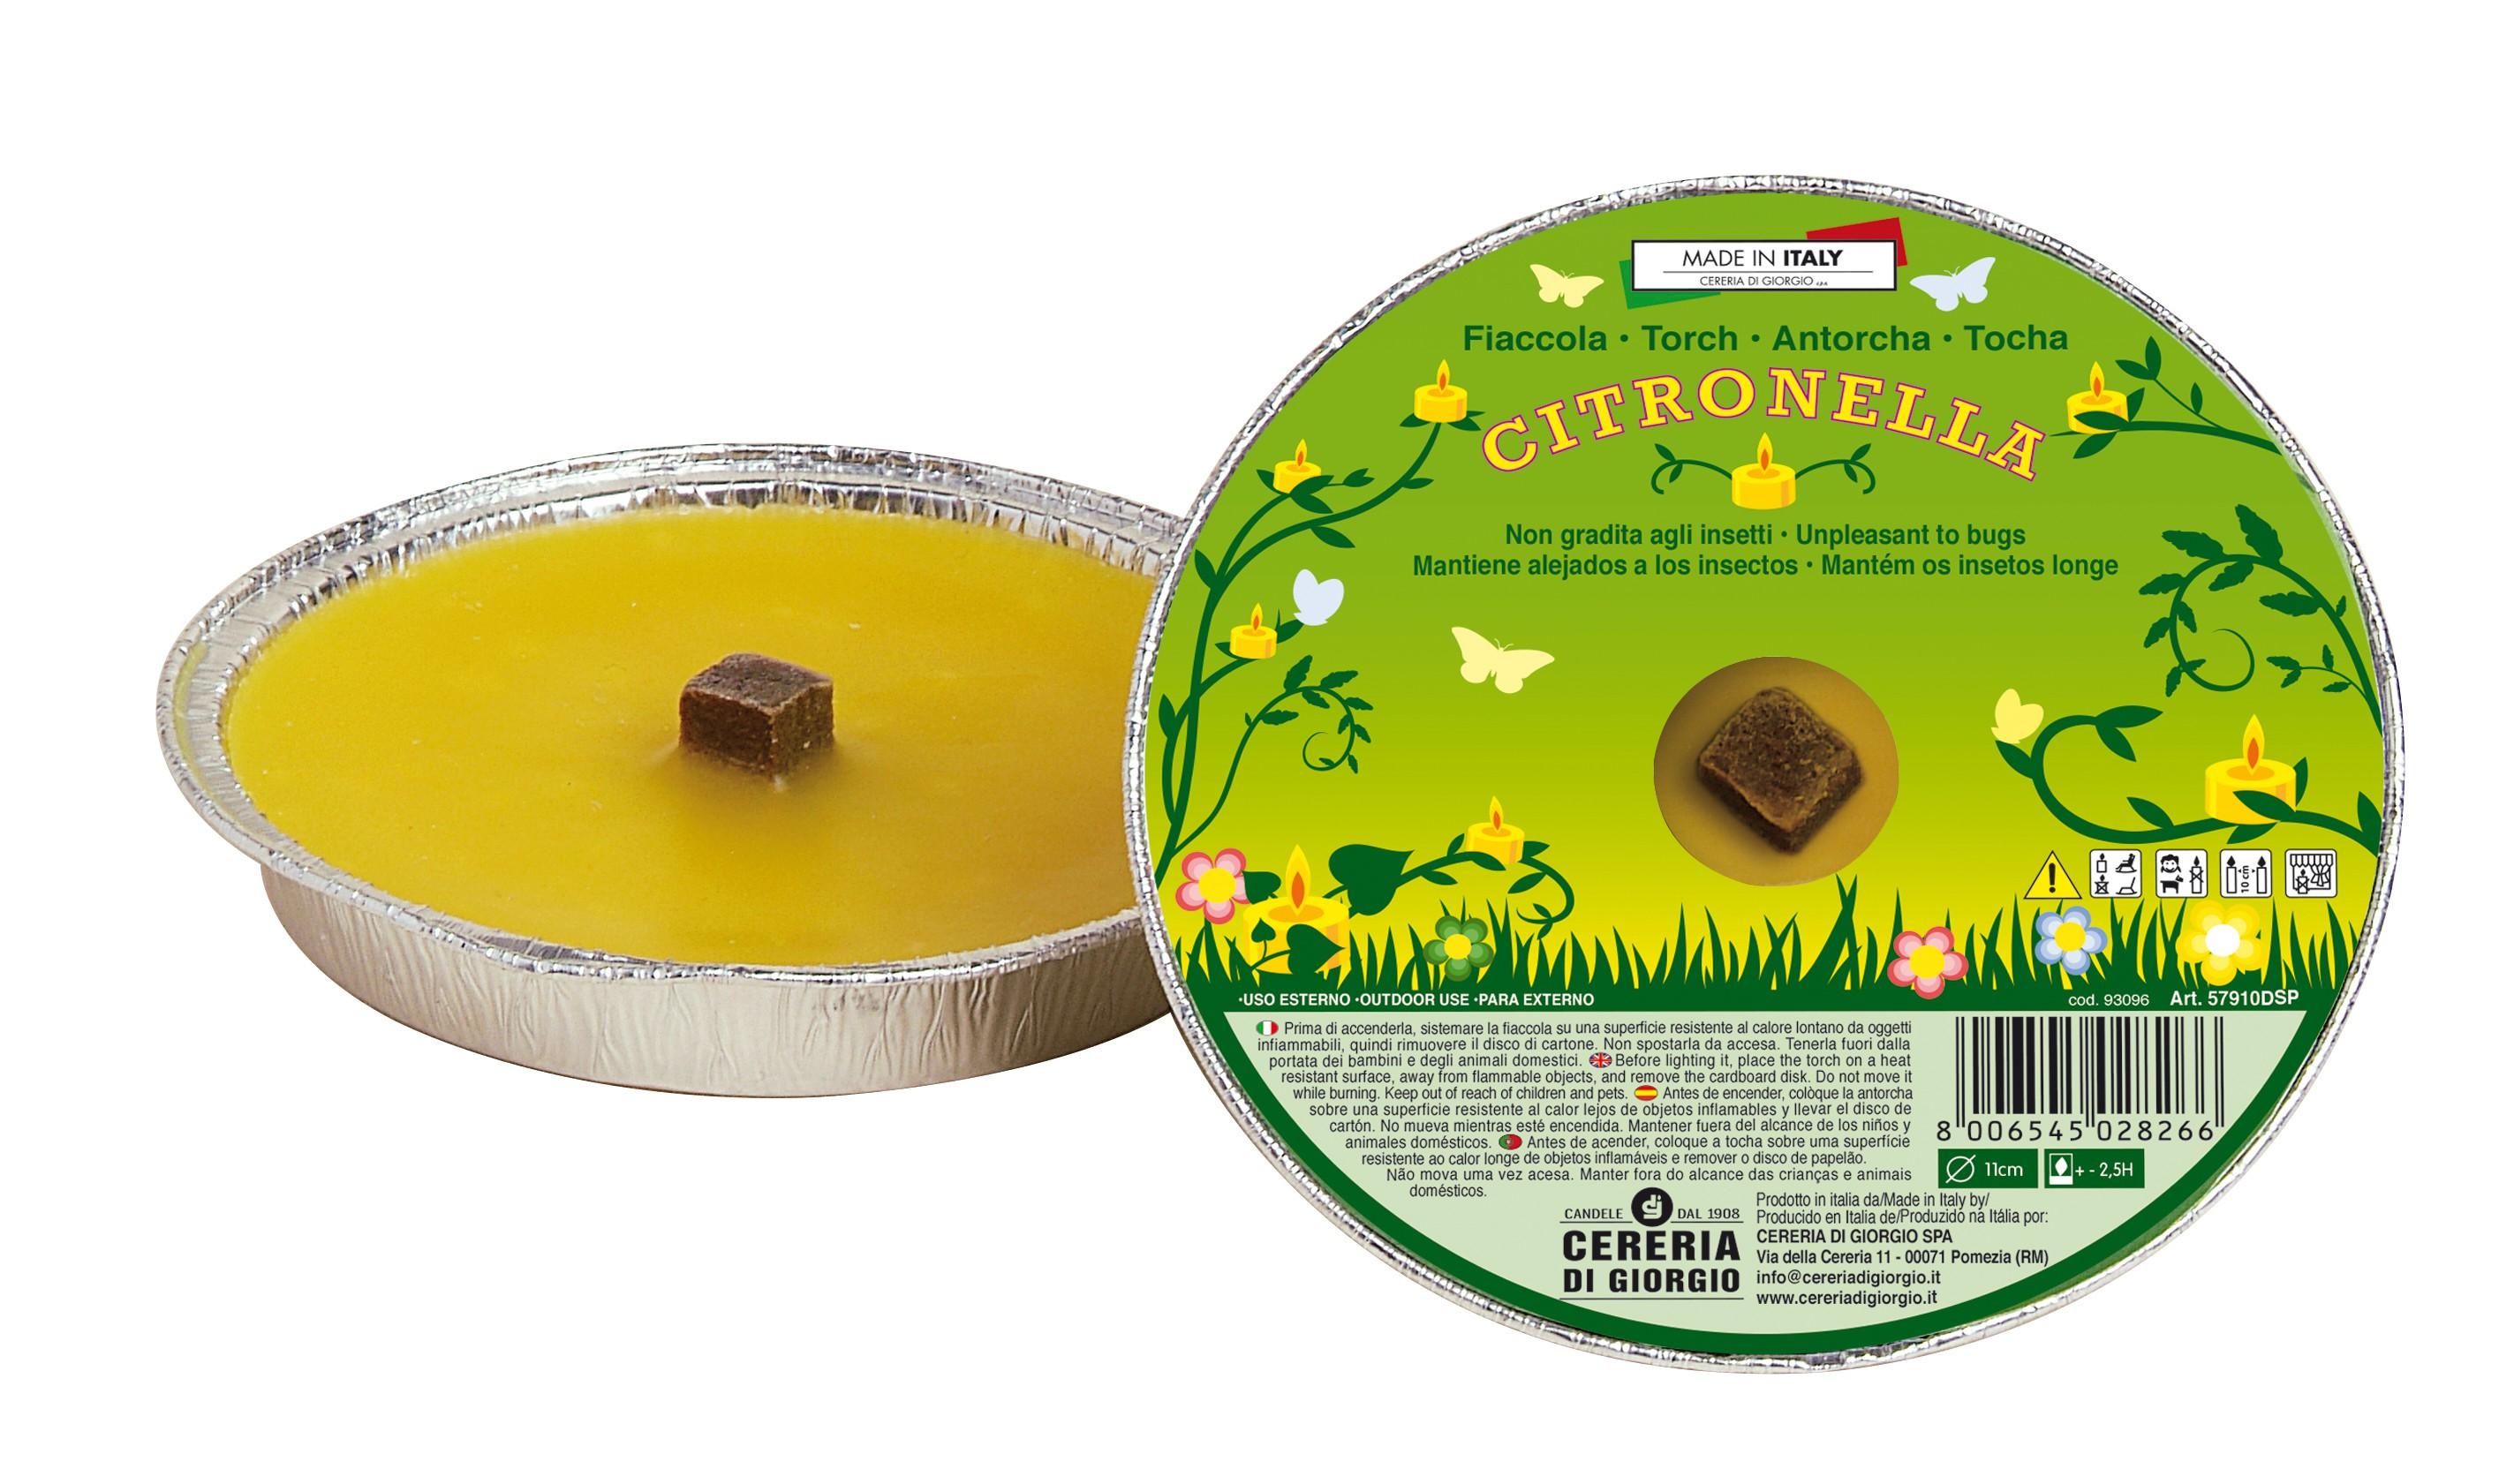 Fiaccola alla Citronella